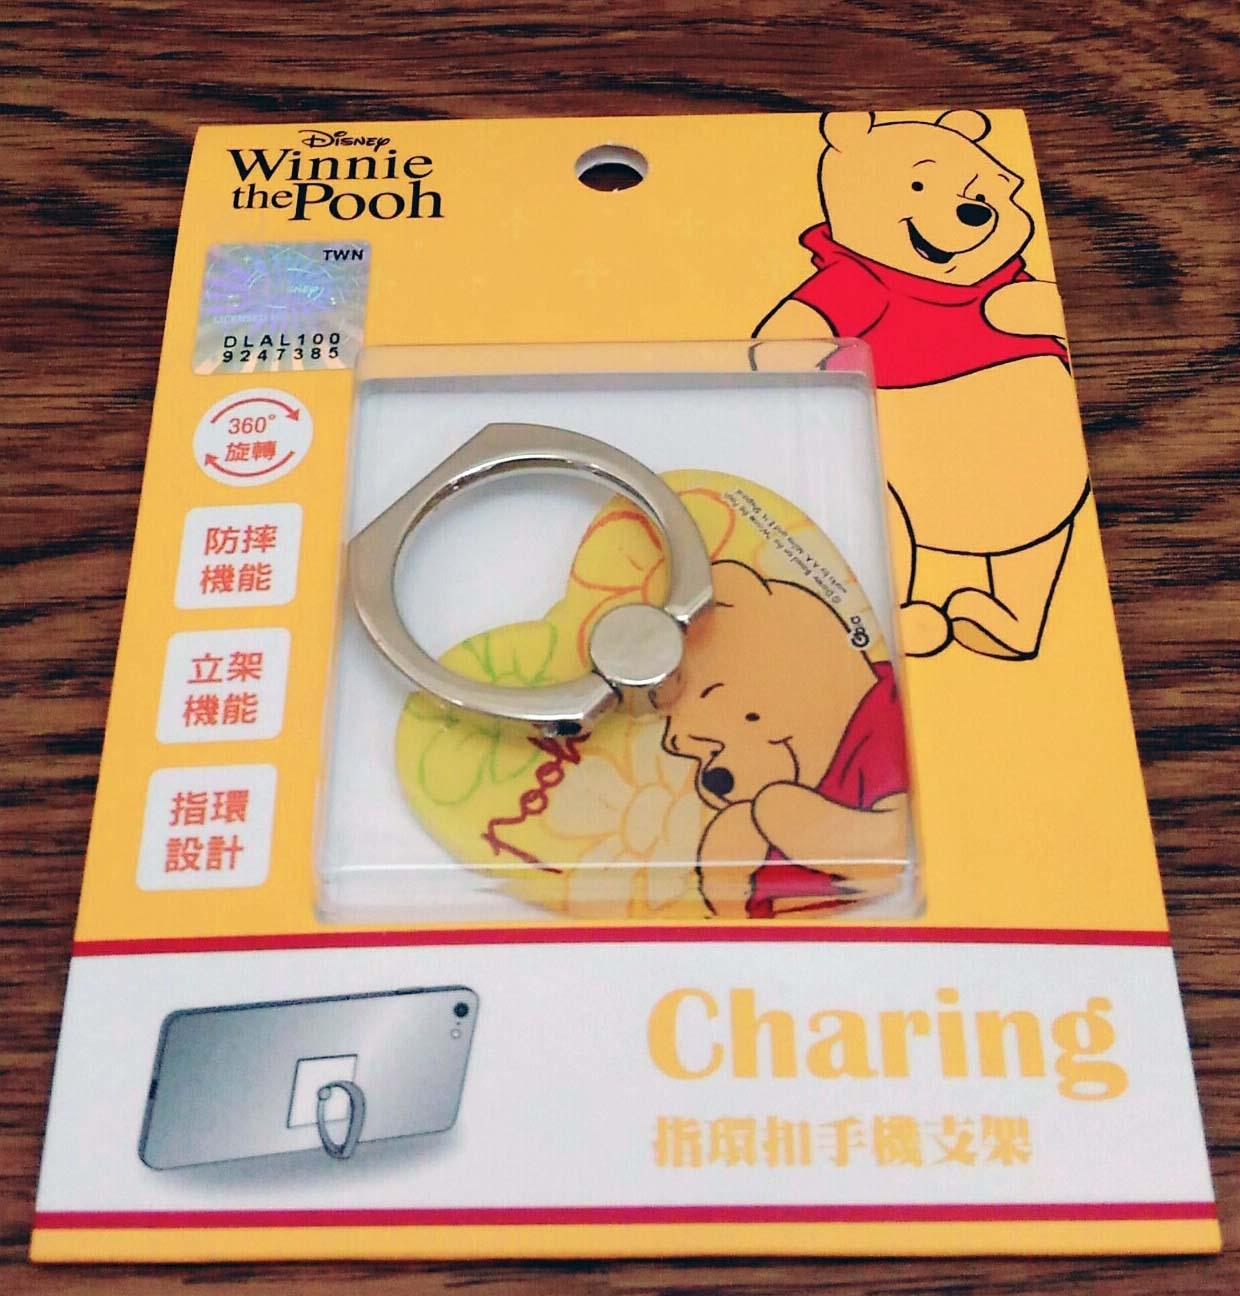 【真愛日本】17121000050 心型壓克力指環-維尼 小熊維尼 手機指環 扣支架 指環扣